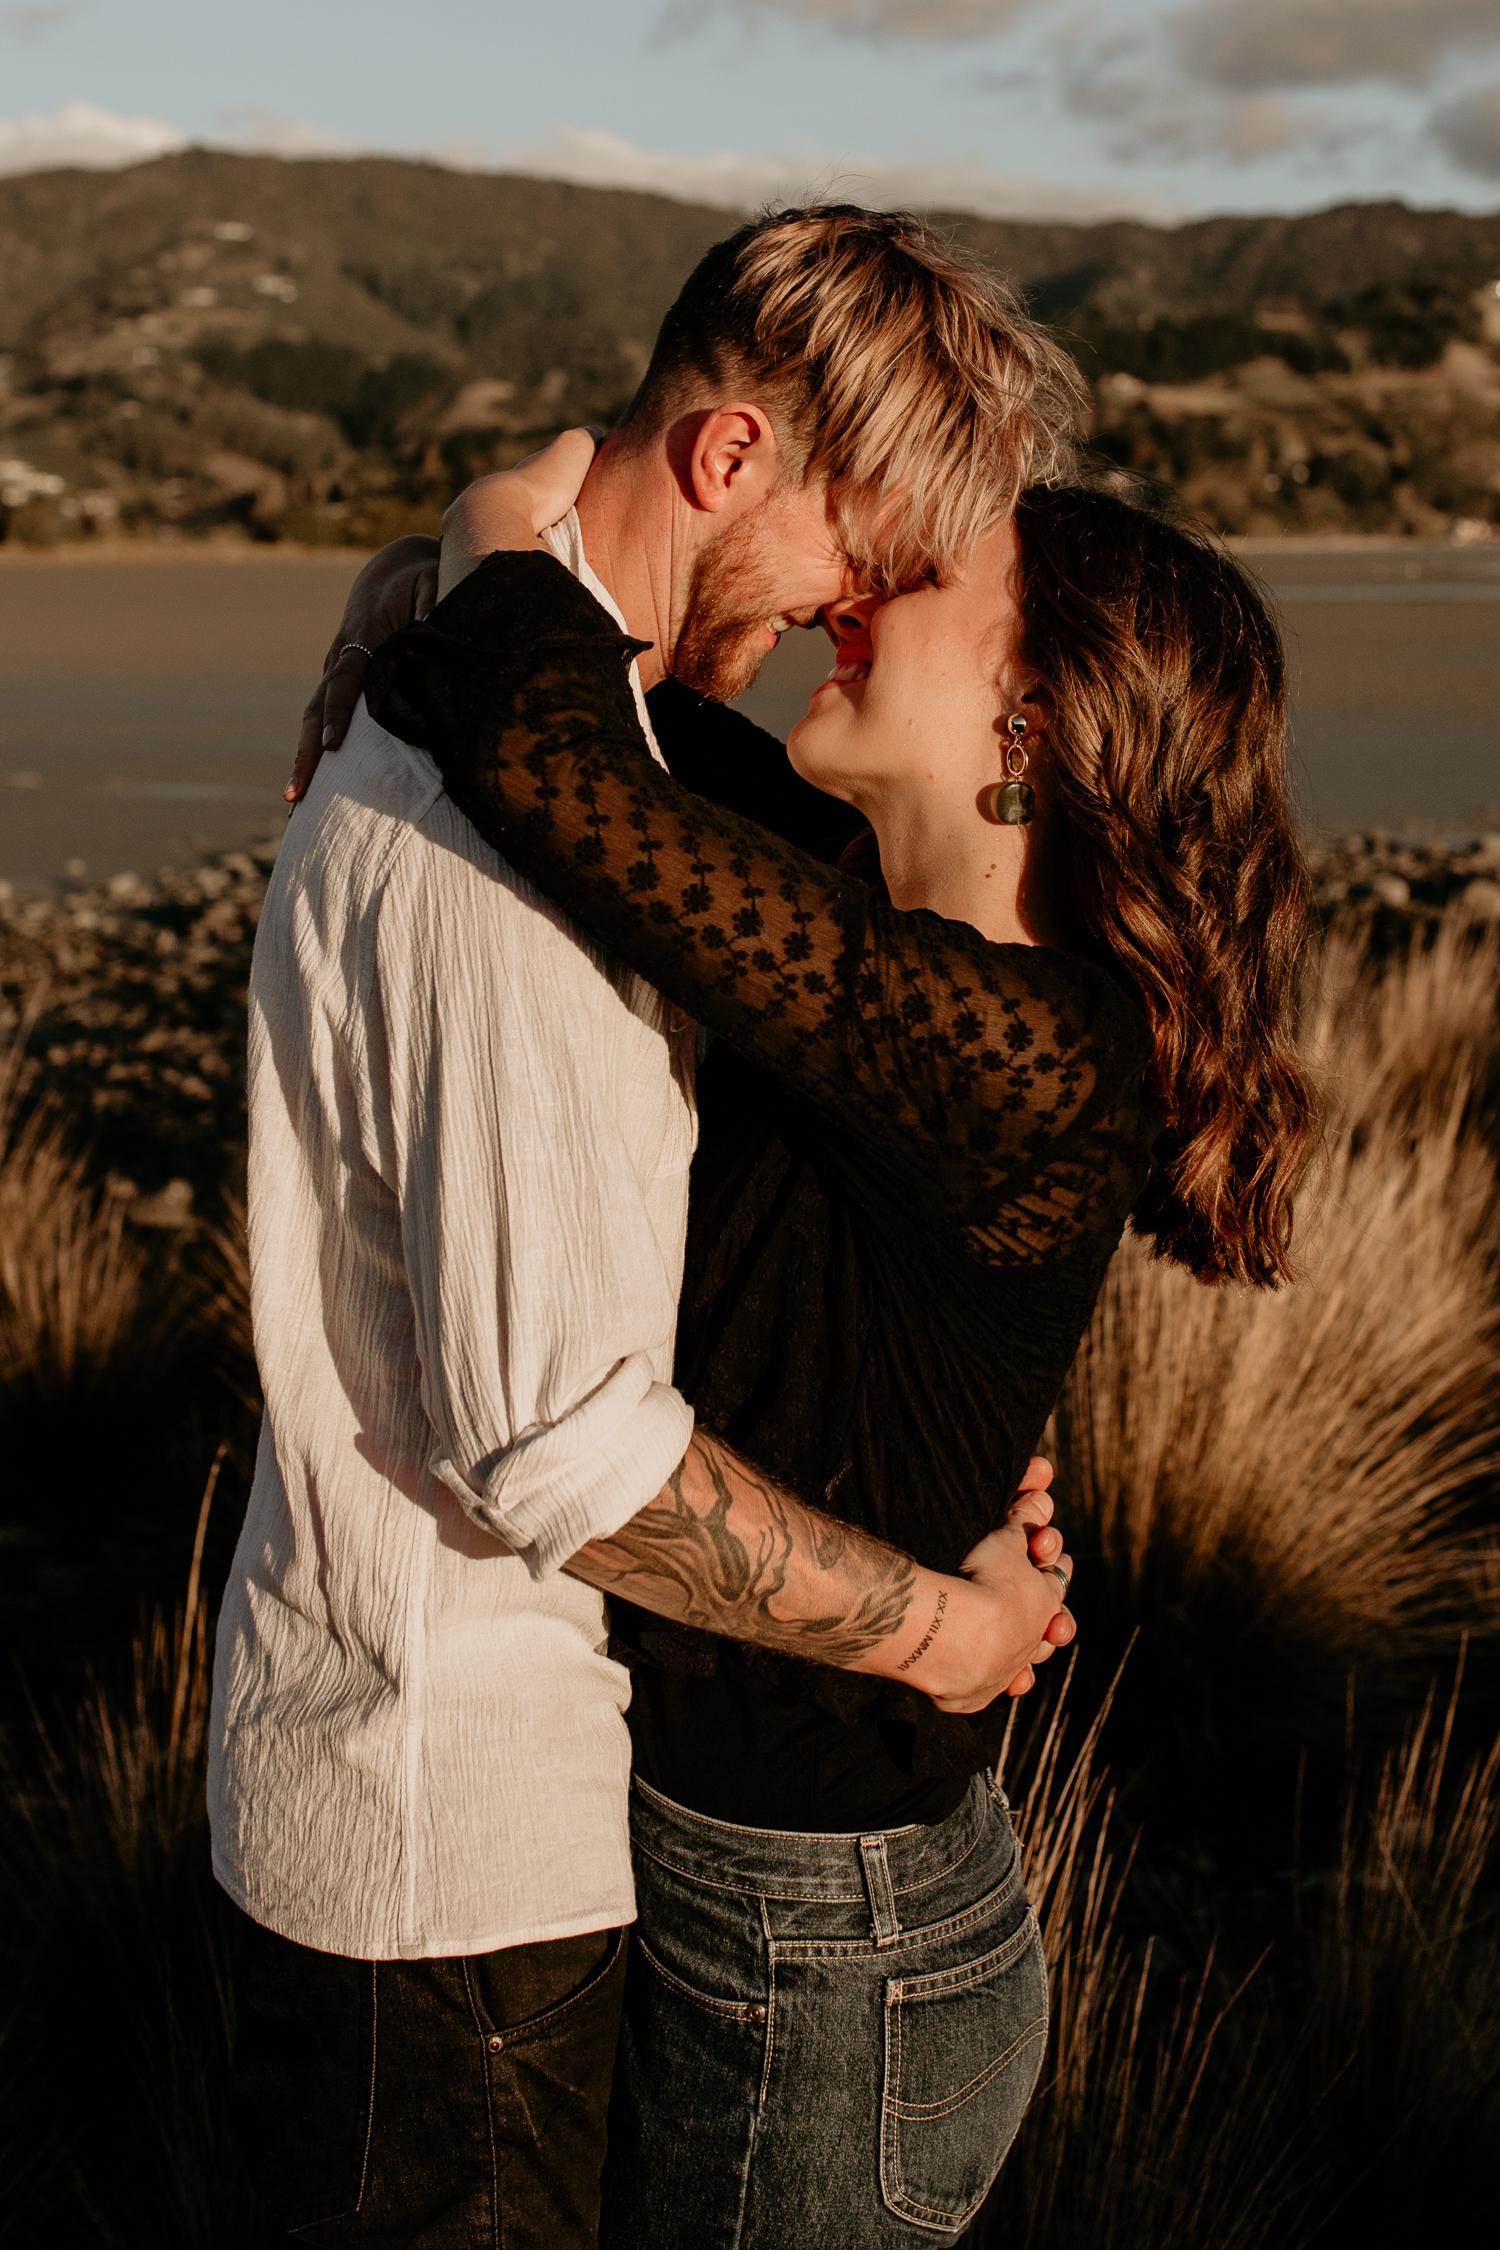 JordanKeegan-NewZealandPhotographer-Couple-Adventure-6939.jpg